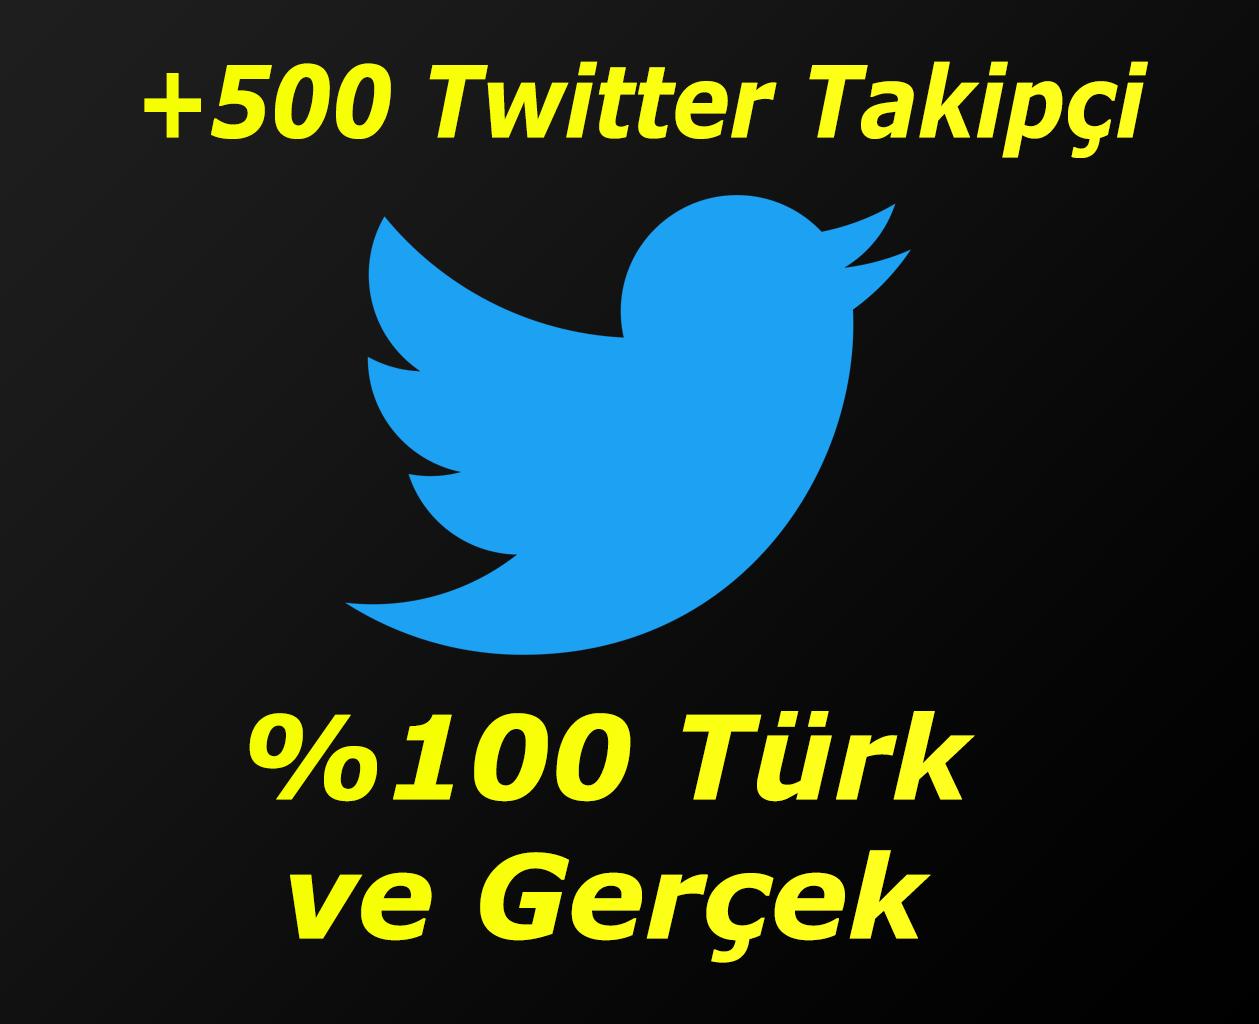 +500 Twitter Ta...